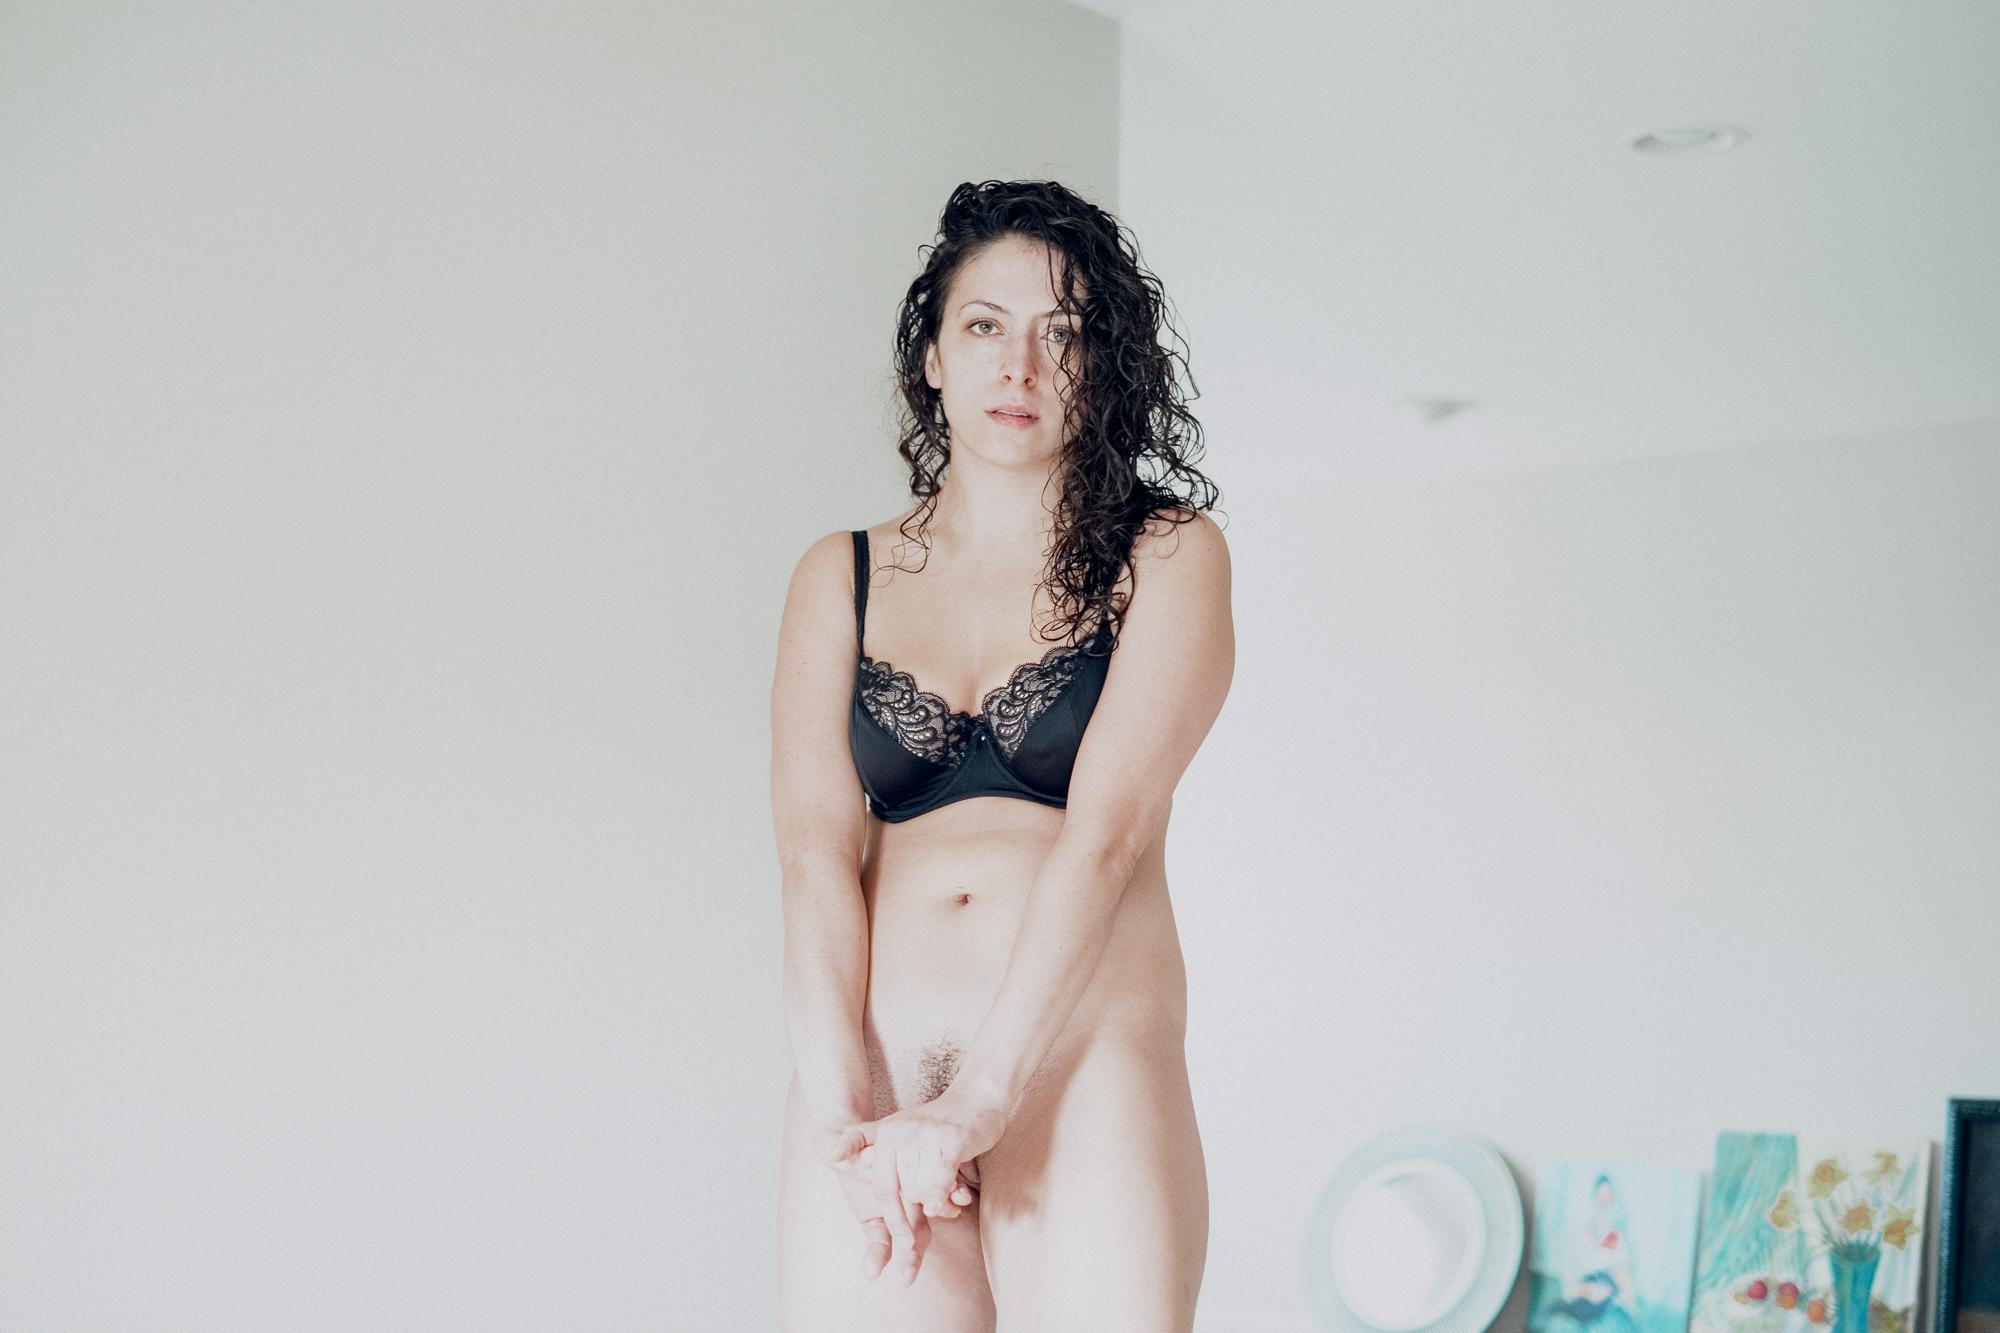 20180207-Hannah-bedroom-black-bra-X-Pro2-0012-Edit.jpg